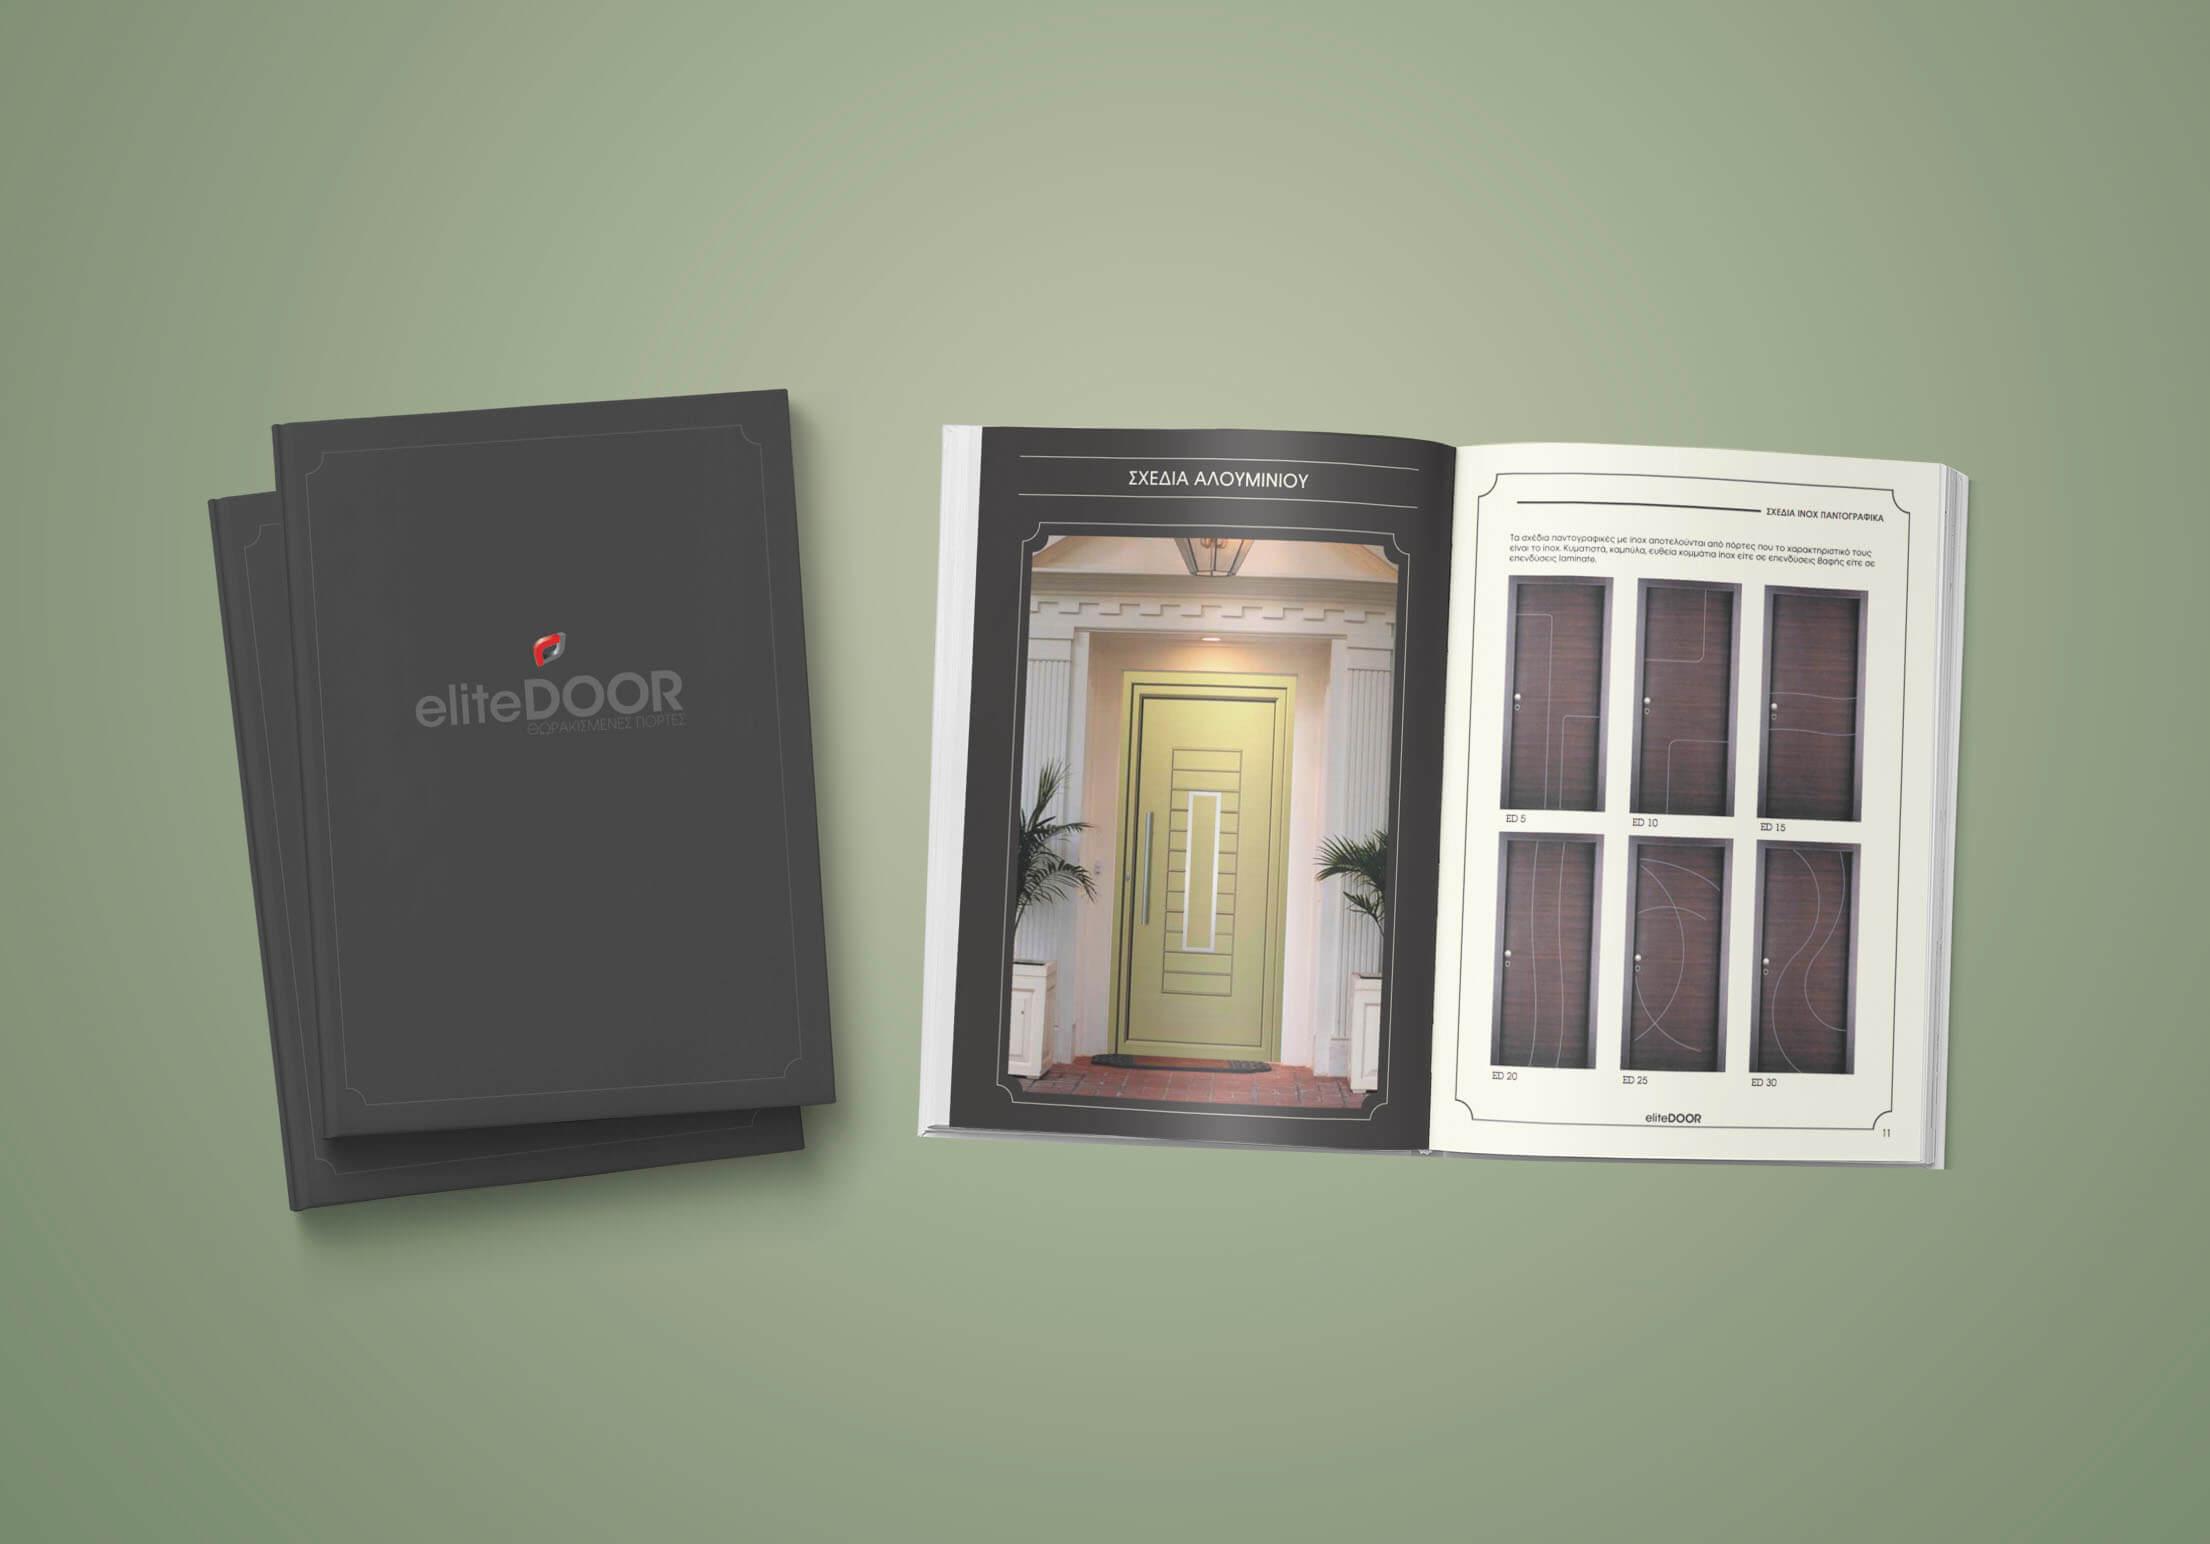 elite door